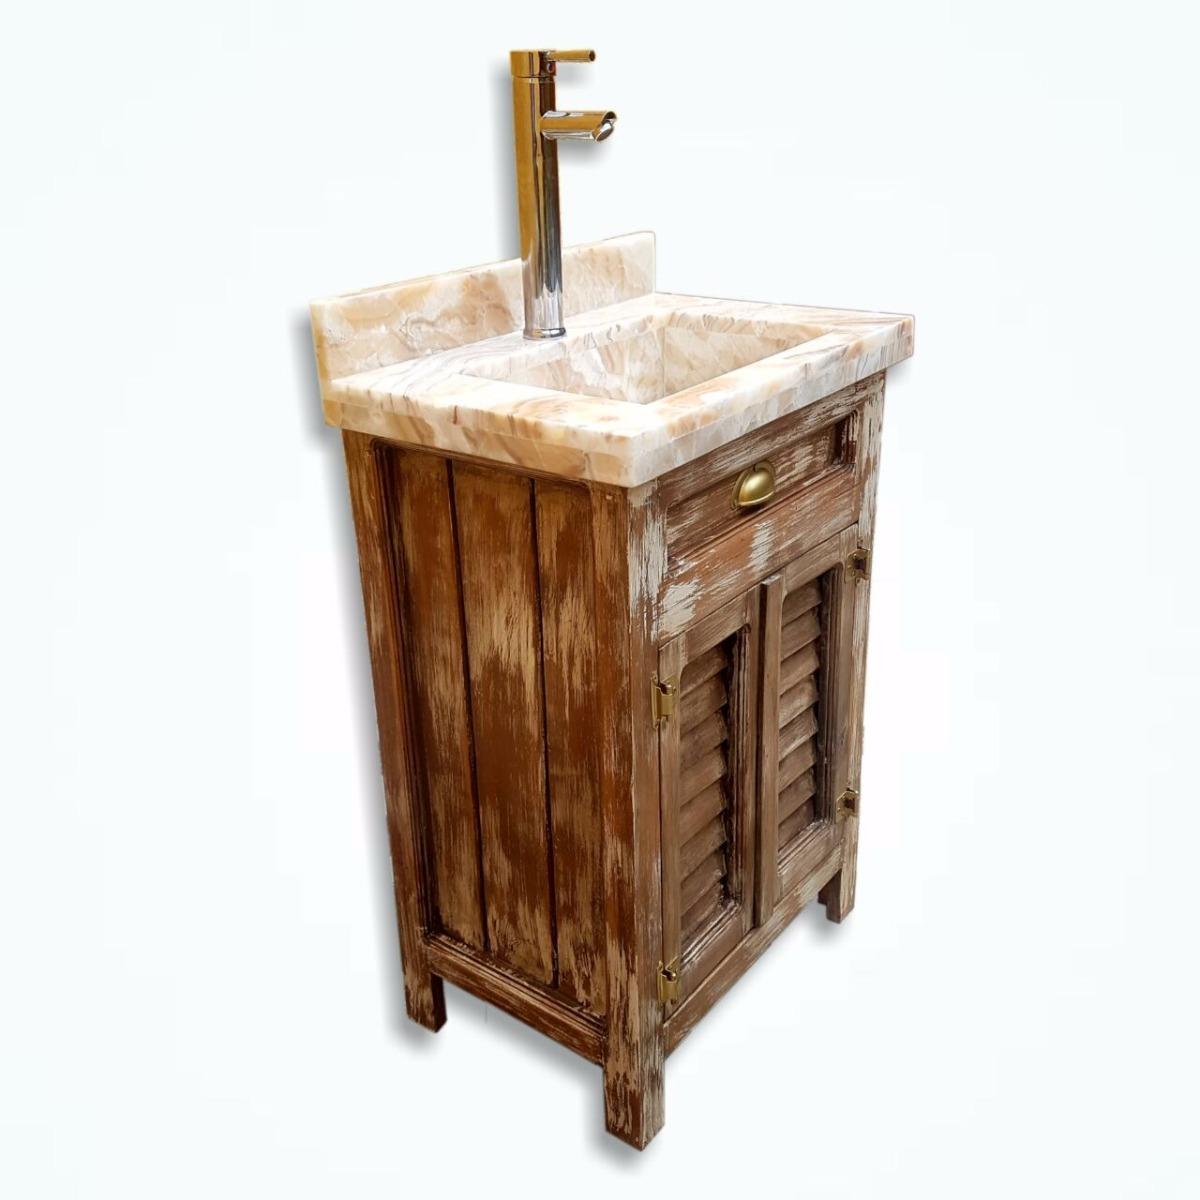 Mueble ba o lavabo incluido rustico vintage m rmol onix 5 en mercado libre - Mueble bano vintage ...